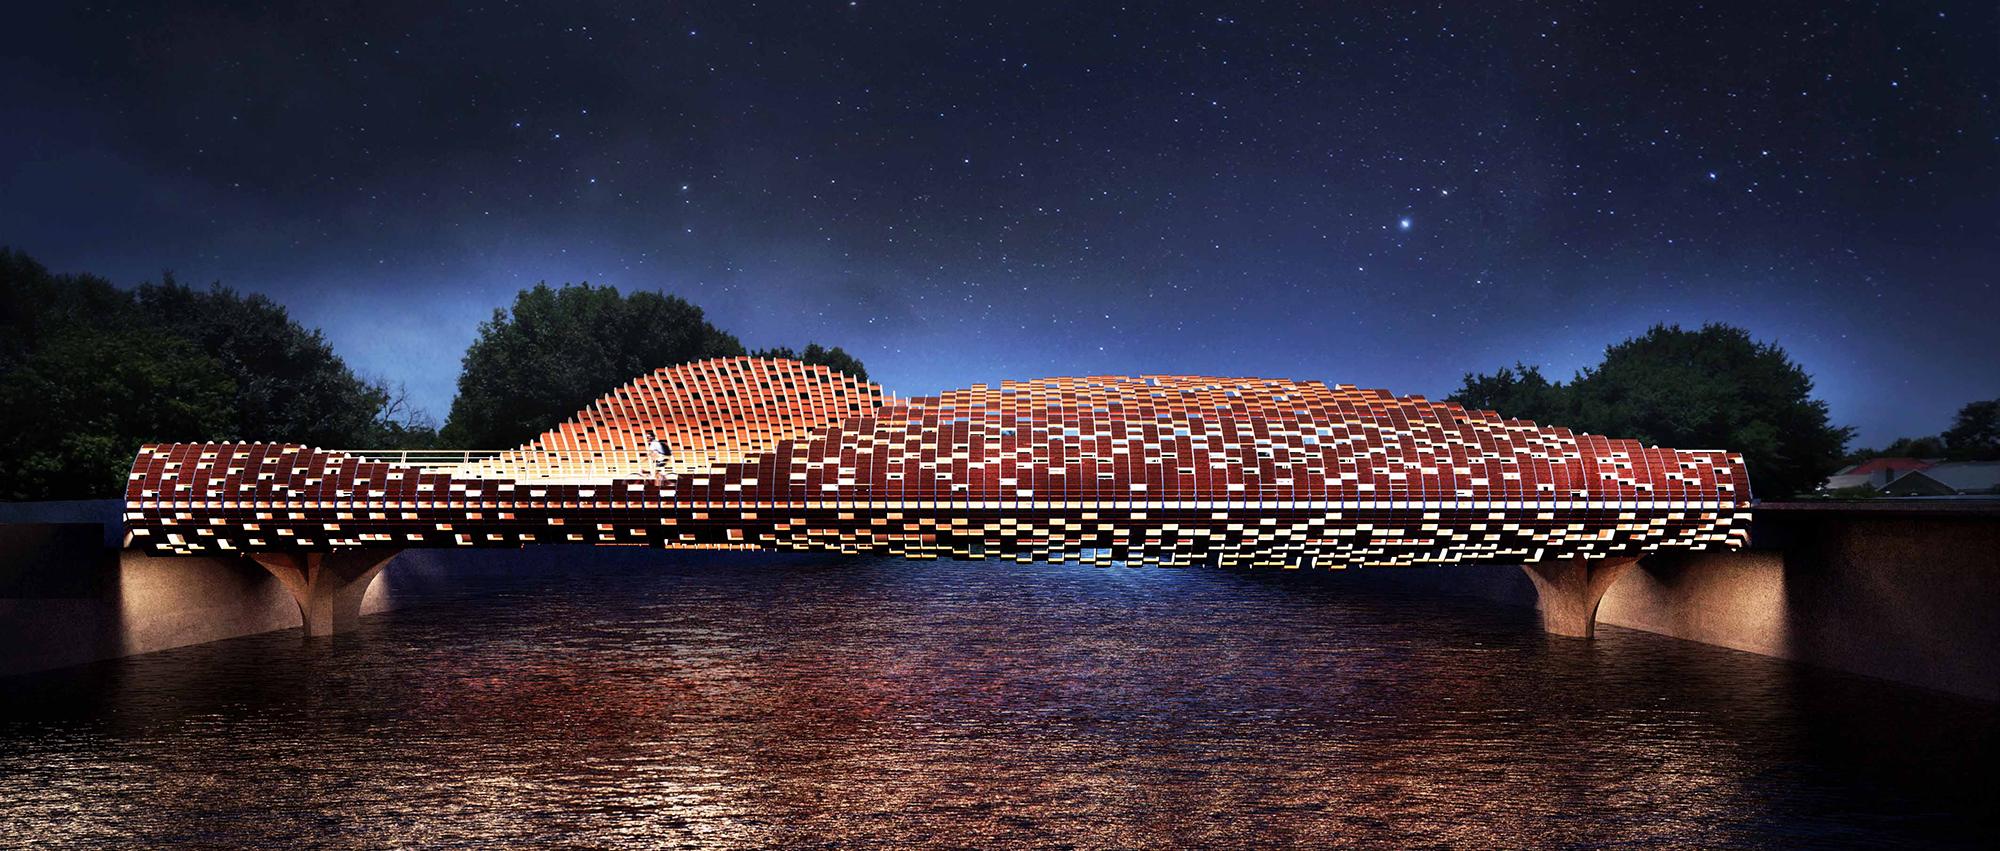 鹏之翼:深圳大鹏所城南门中轴景观桥设计竞赛入围提案